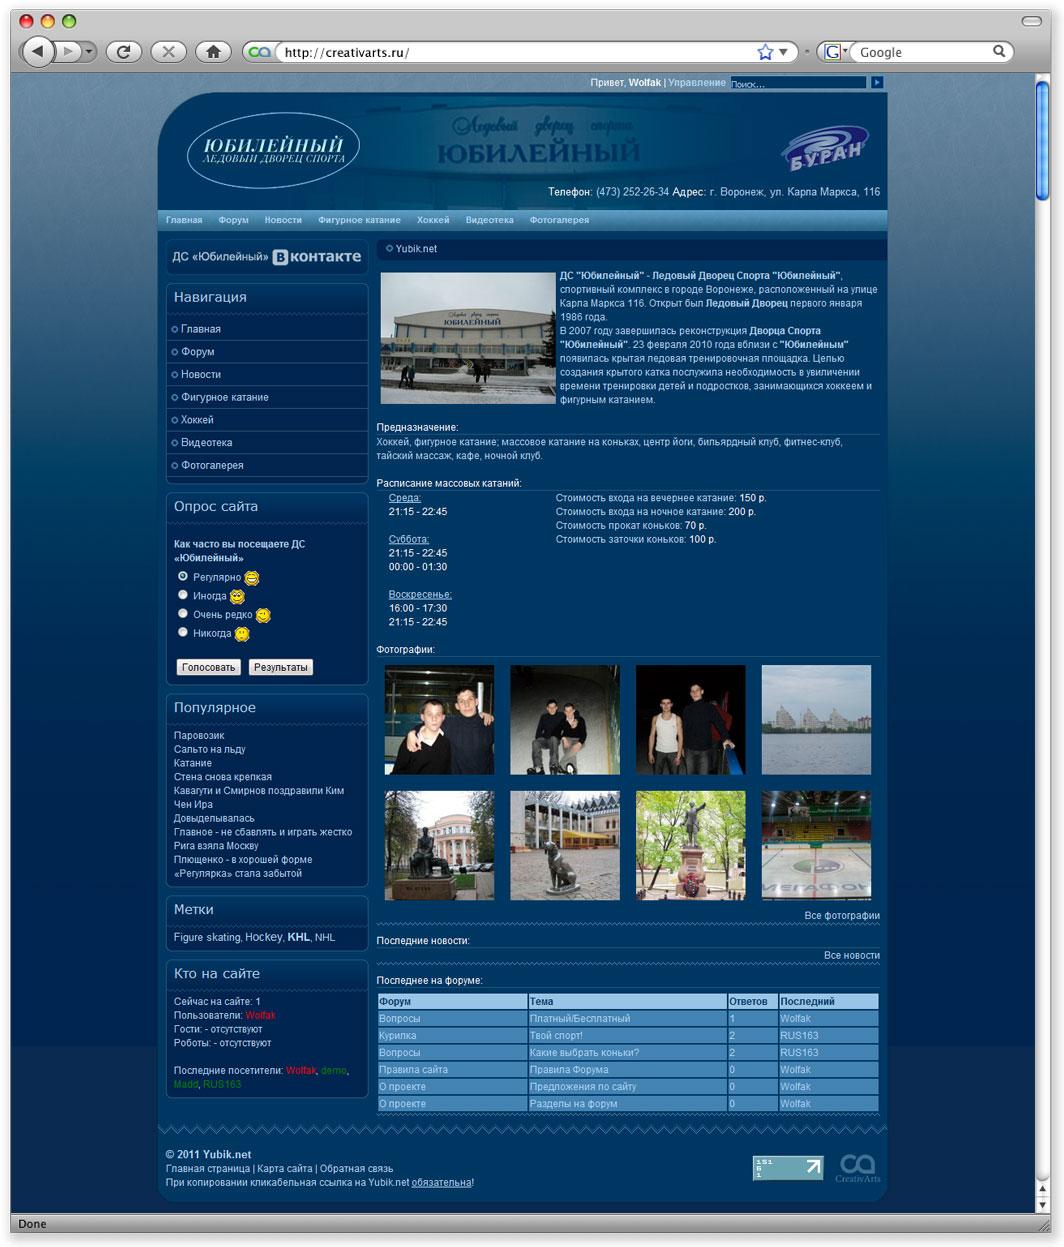 Дизайн сайта Yubik (Макет + свёрстанный шаблон) купить